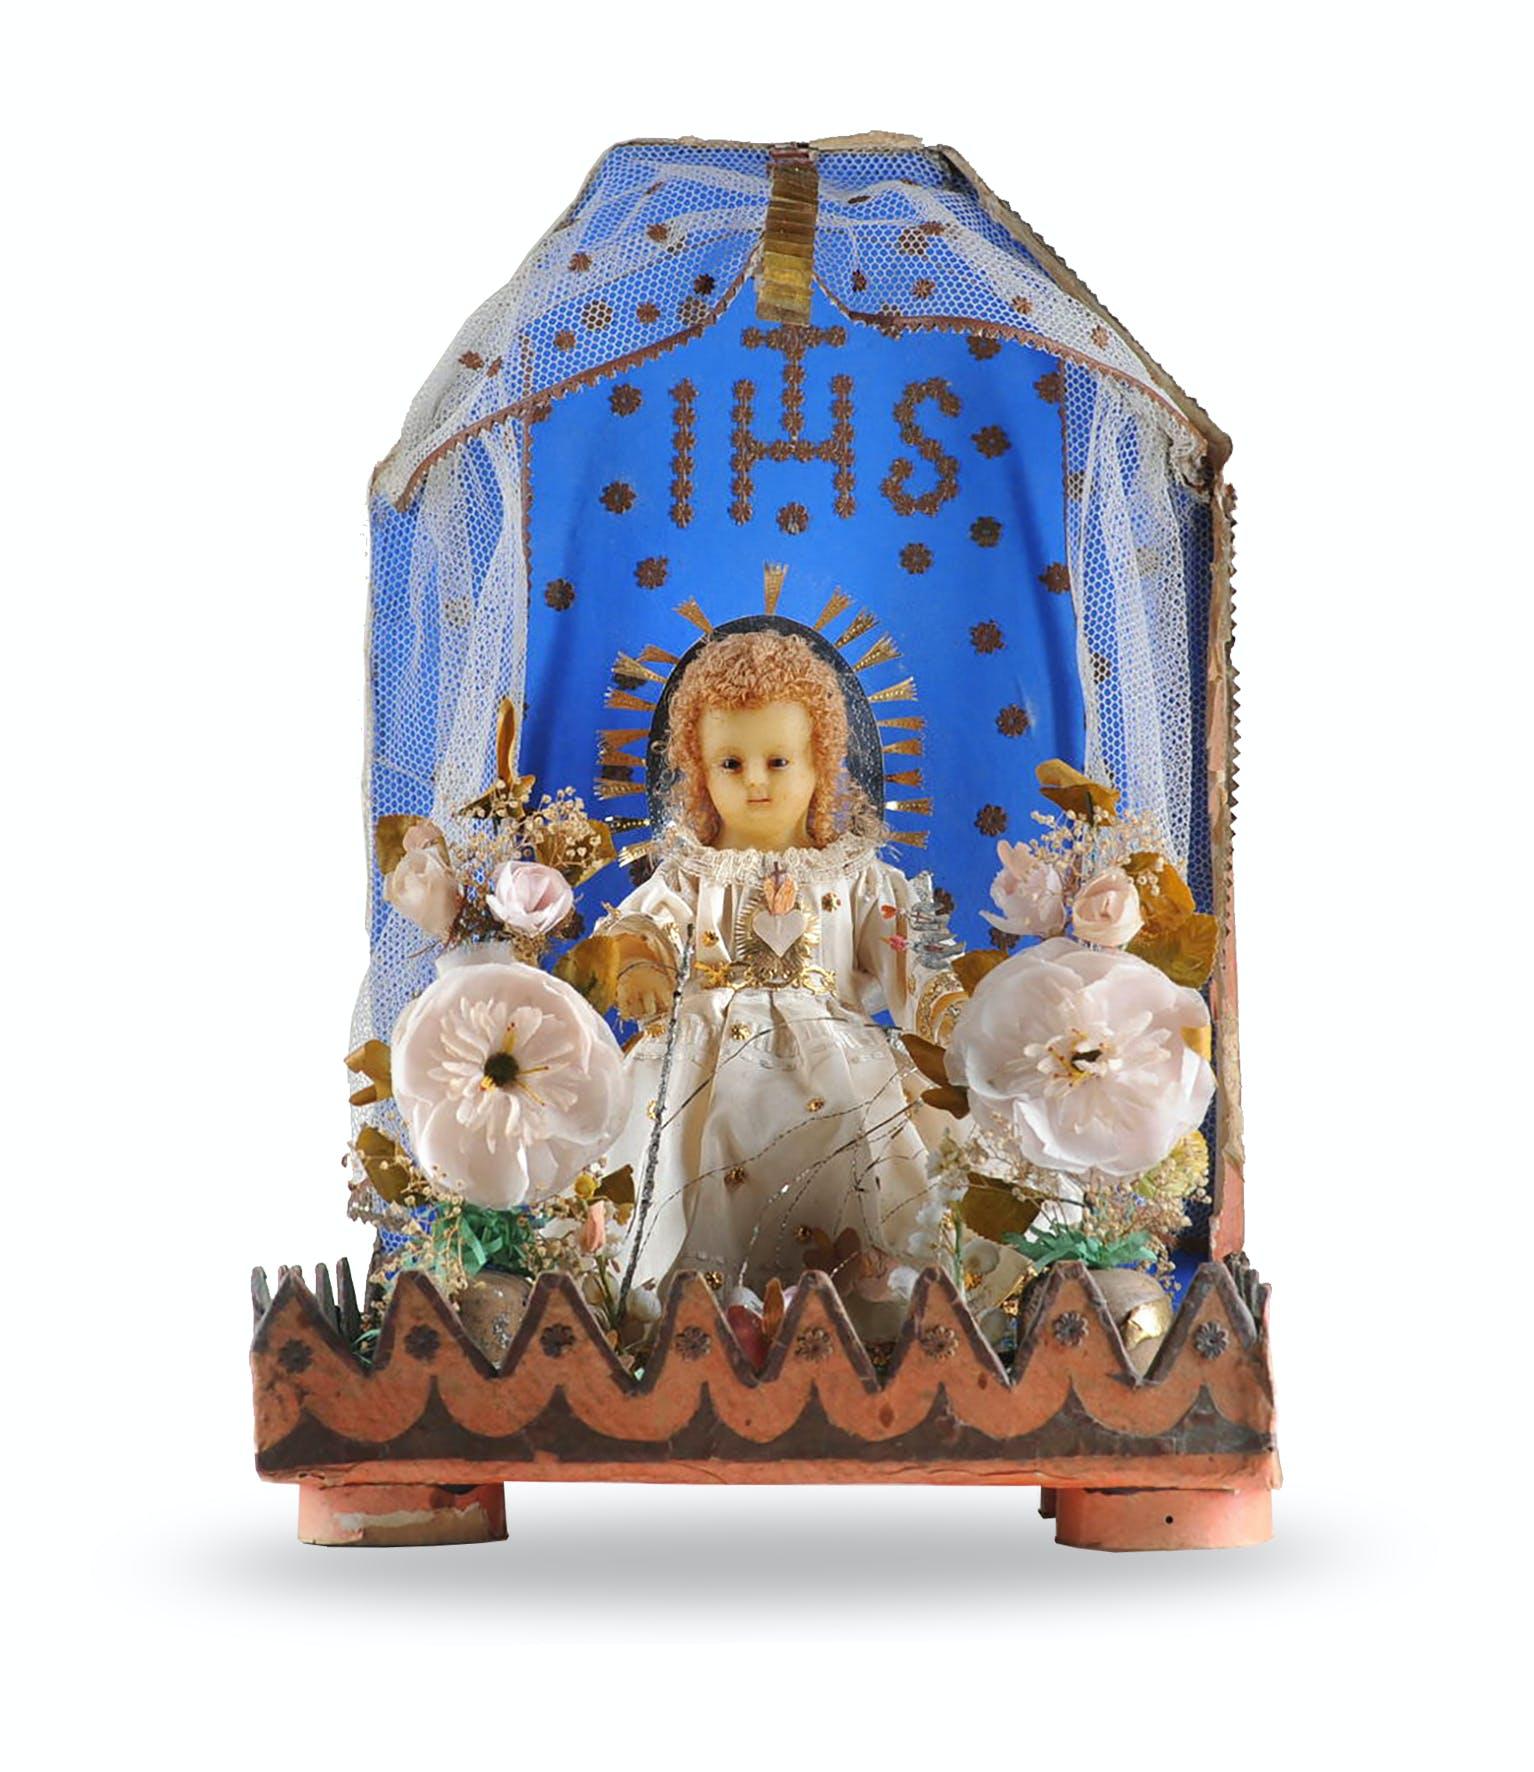 7. Häuschen mit Jesuskind, Klosterarbeit, 20 x 30 x 5 cm, Herkunft unbekannt, wohl um 1900